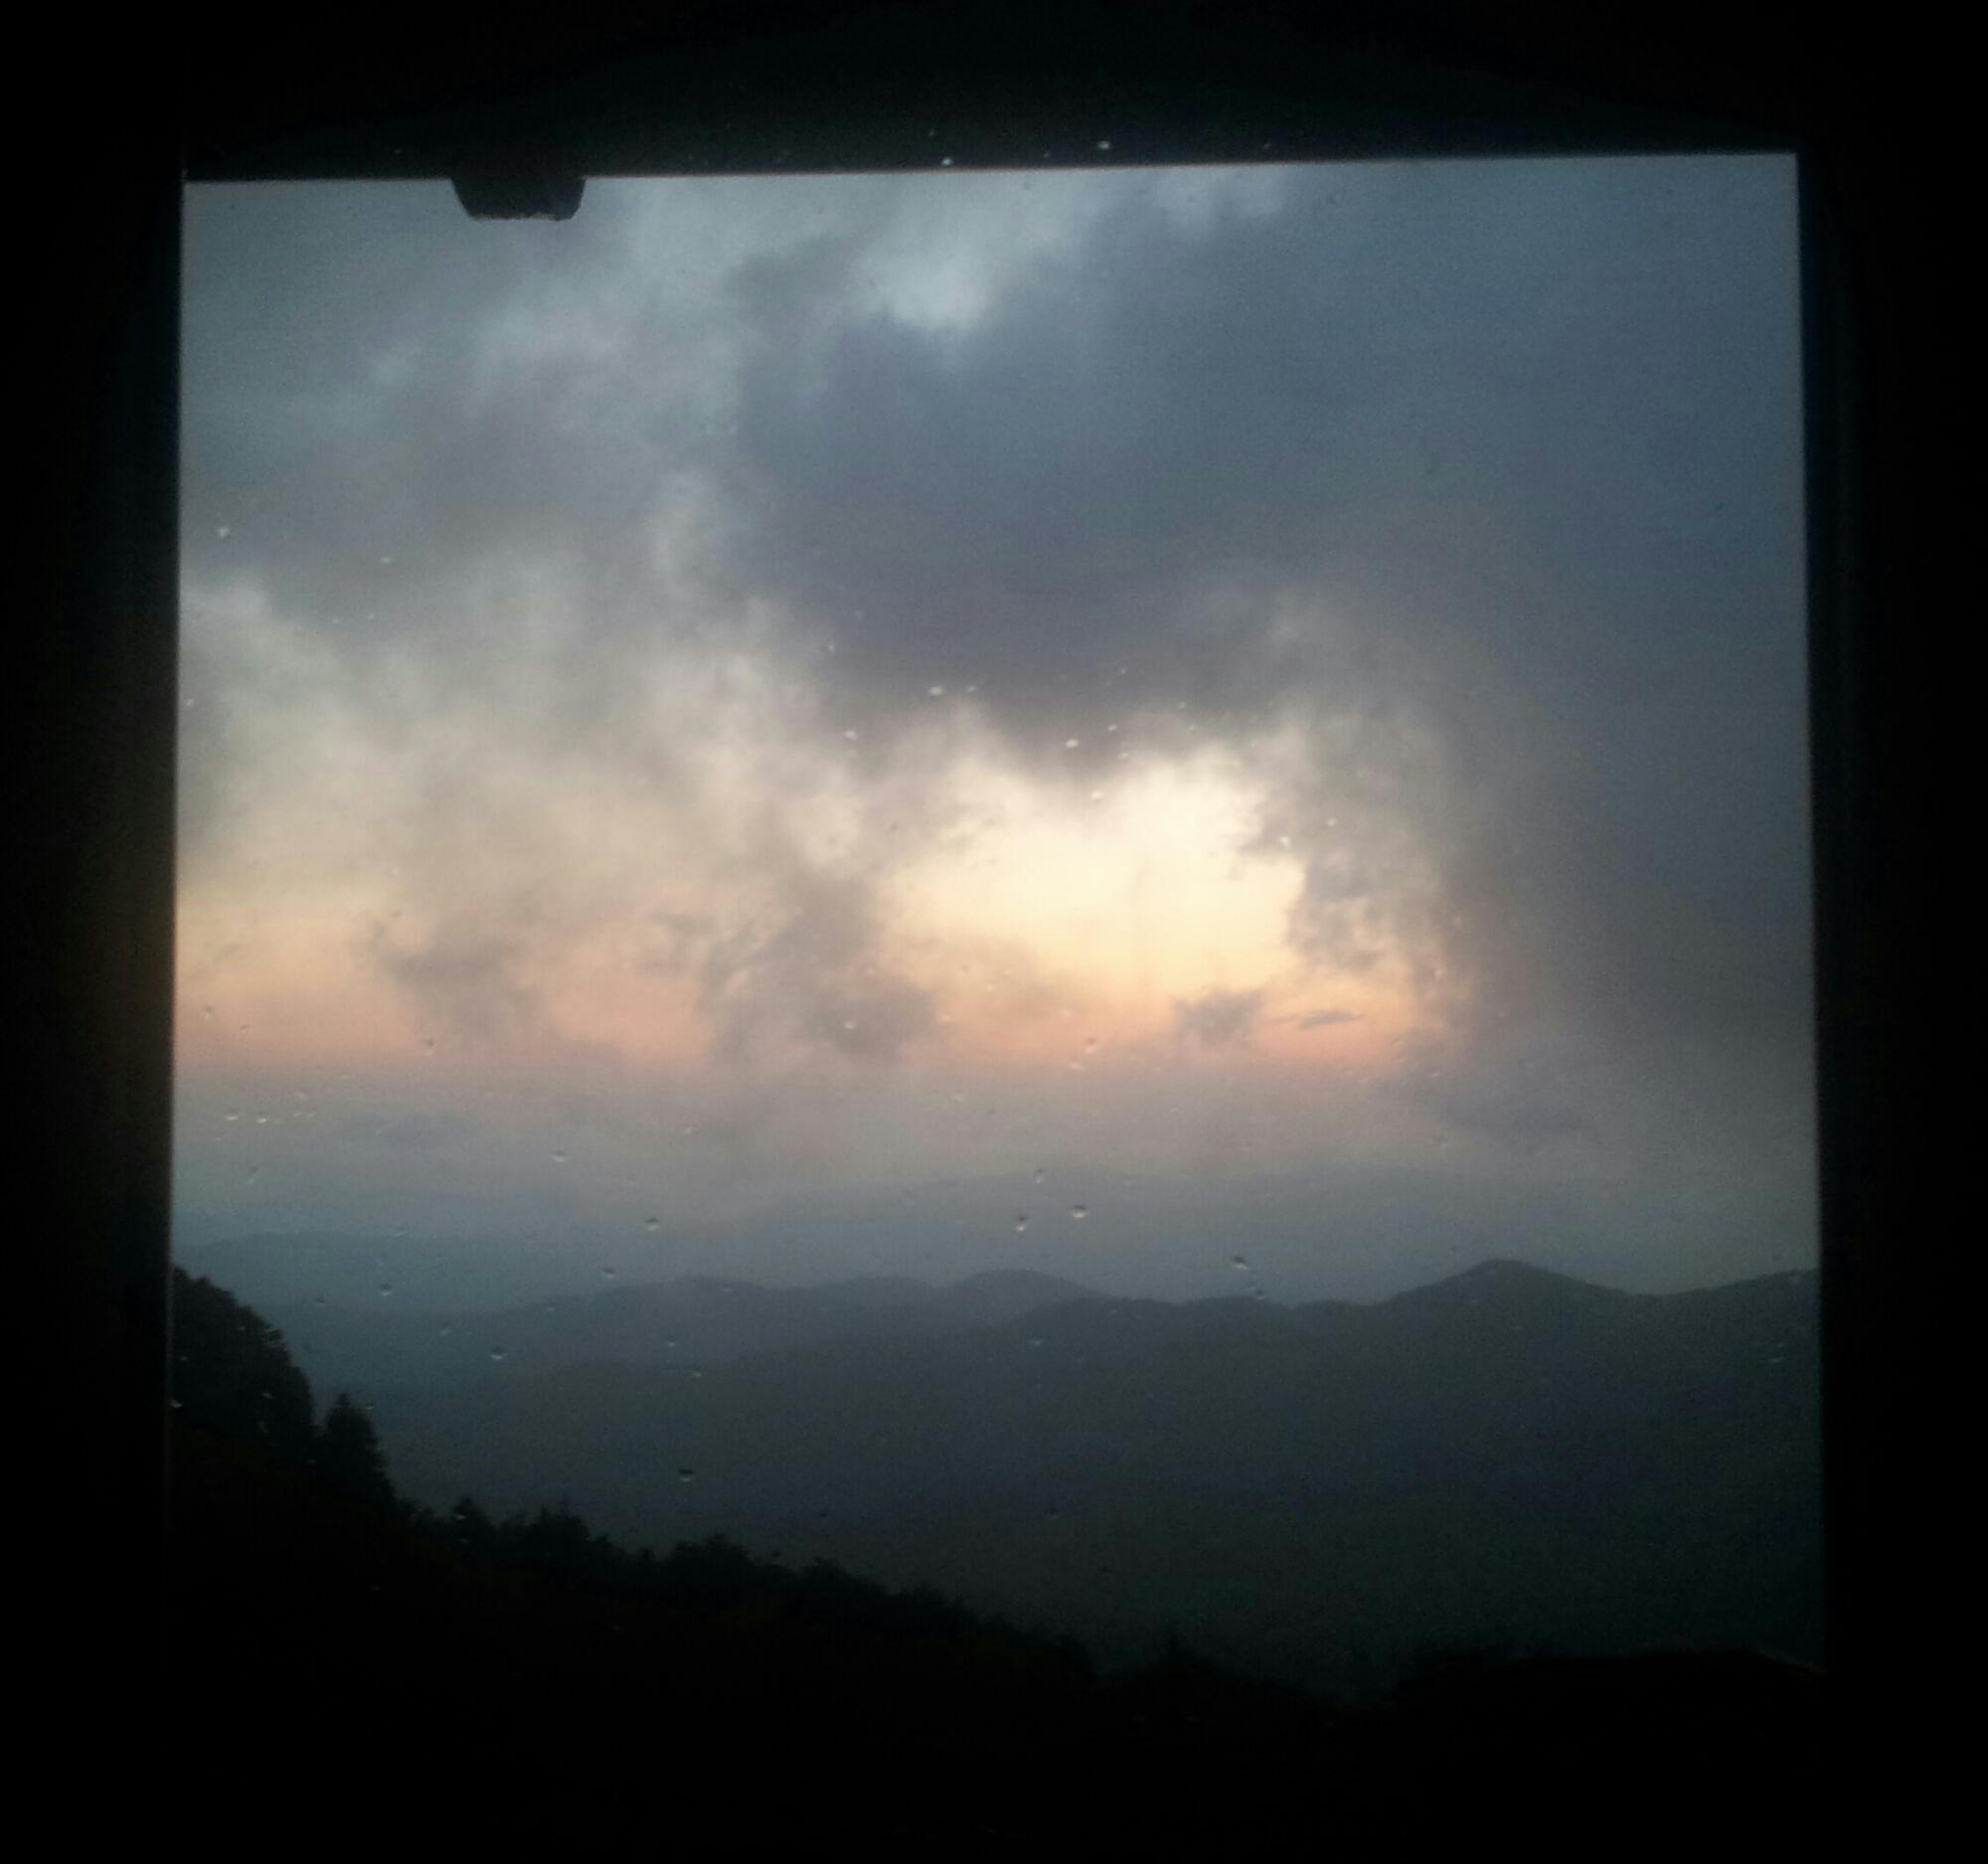 dom-schlosserhof-risnjak-windowview